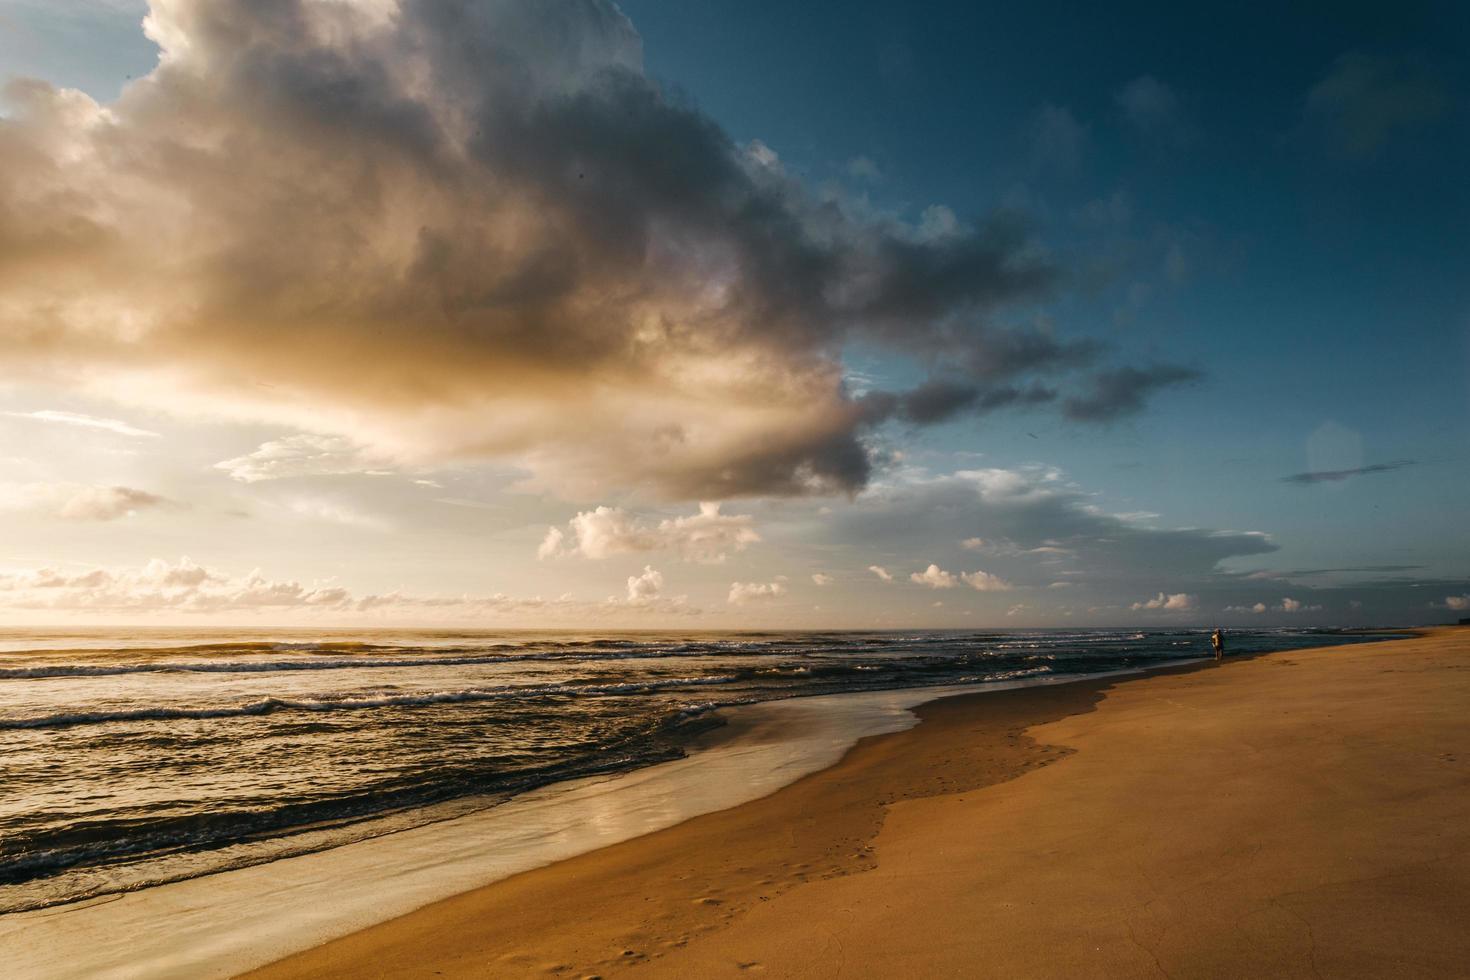 spiaggia tranquilla al tramonto foto